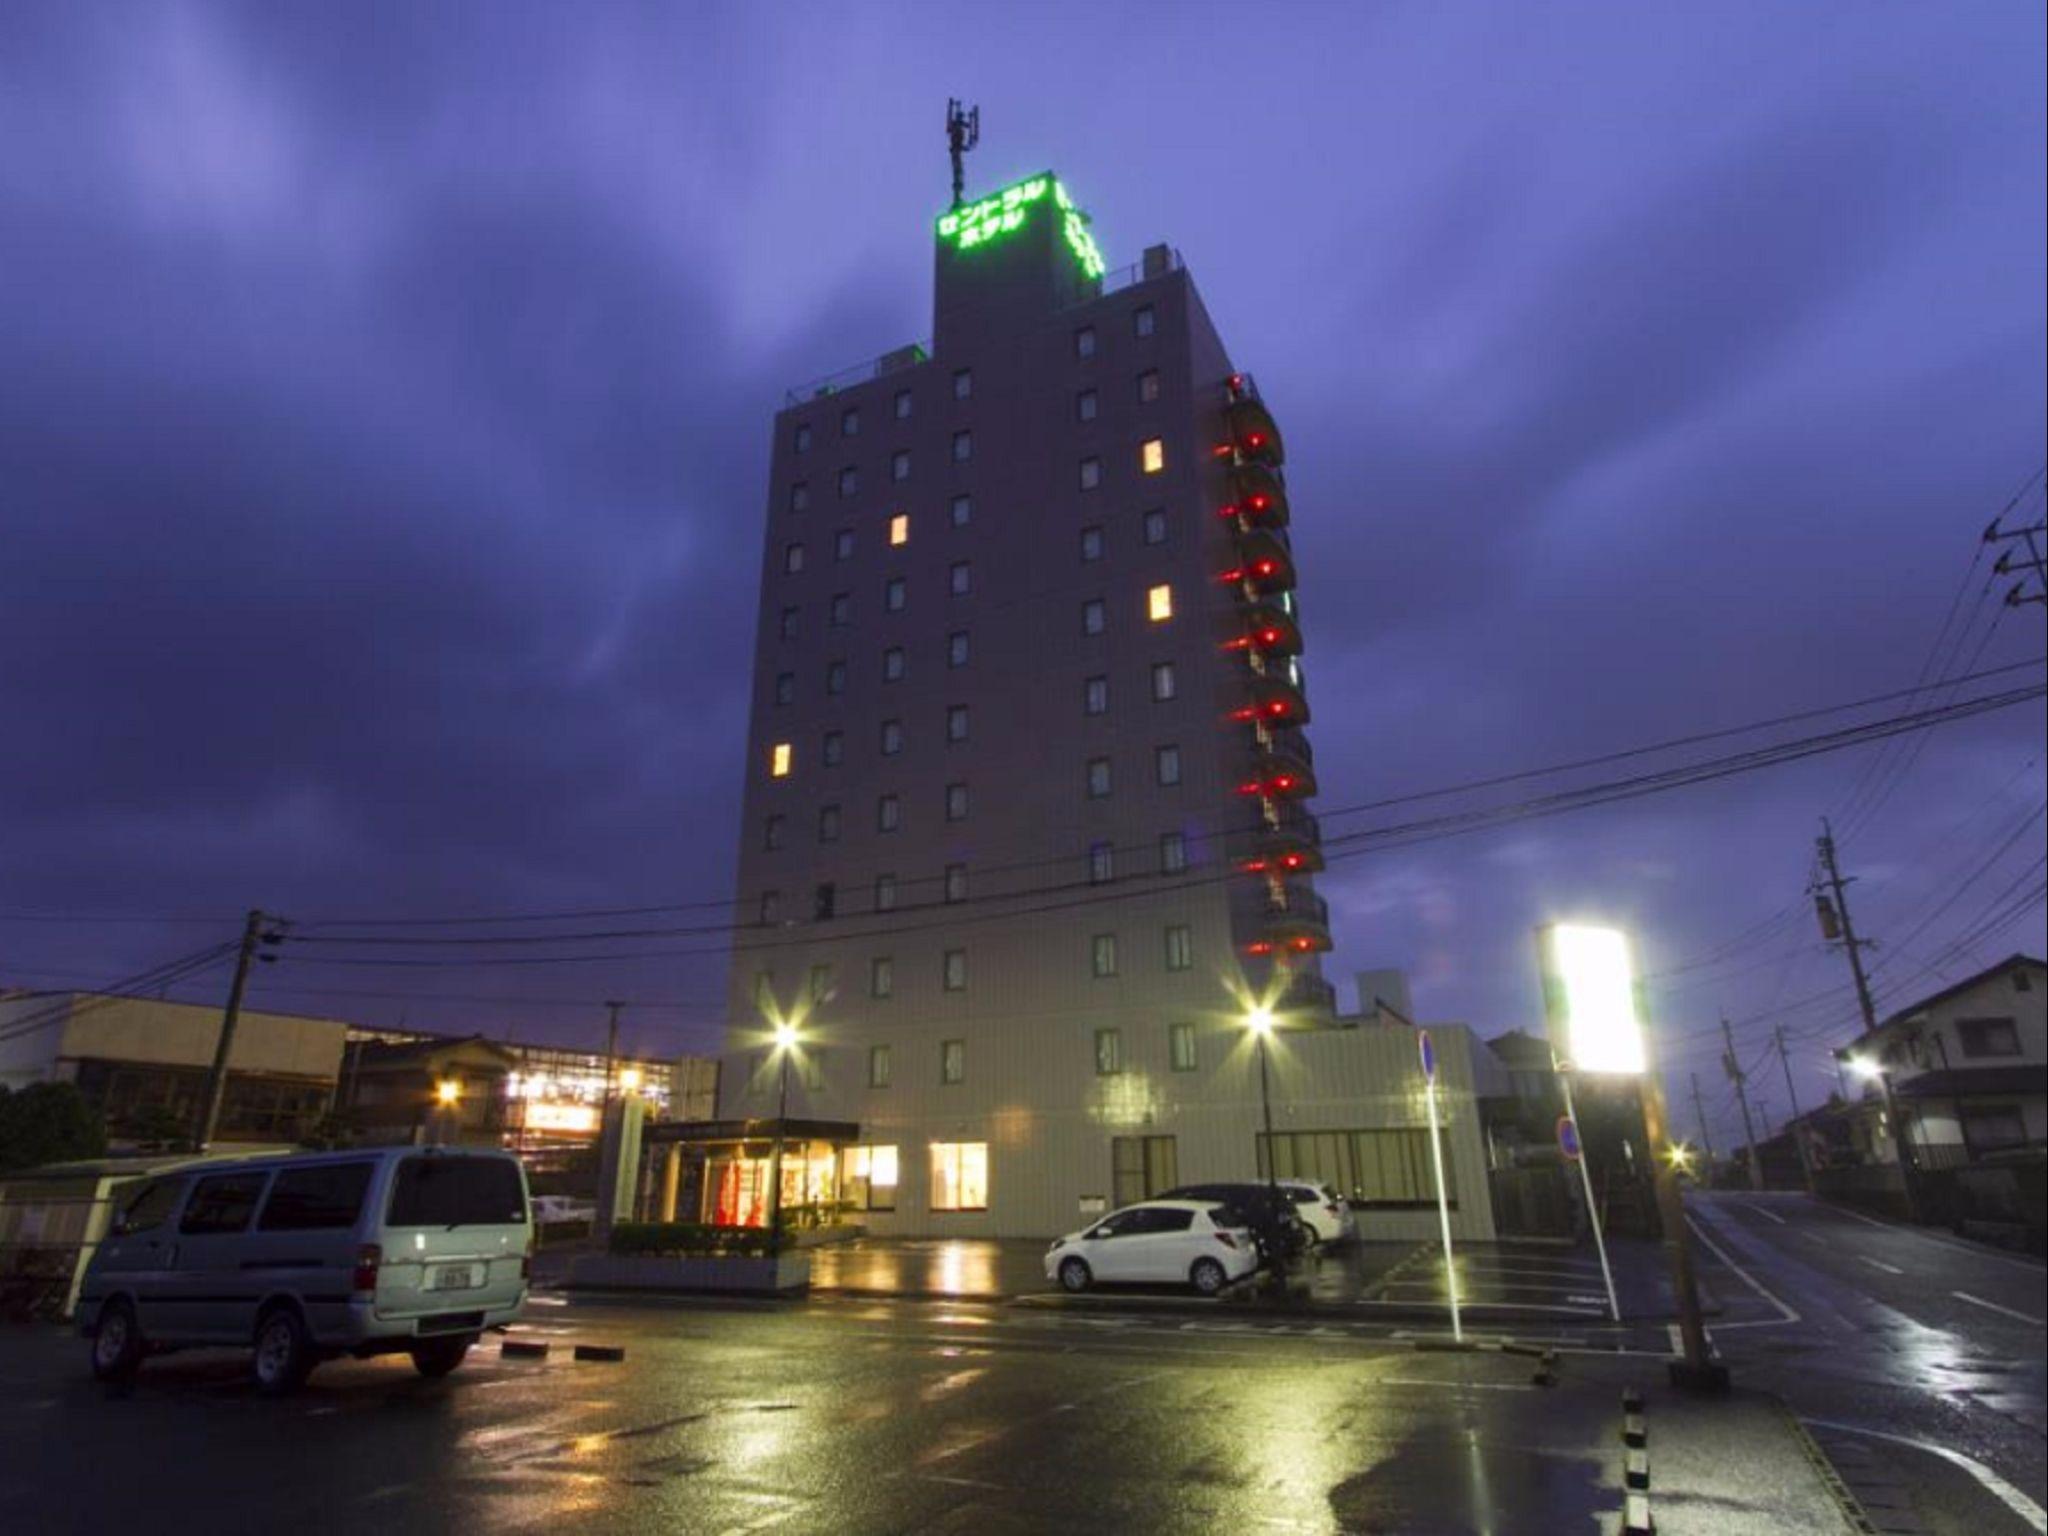 Central Hotel Takeo, Takeo